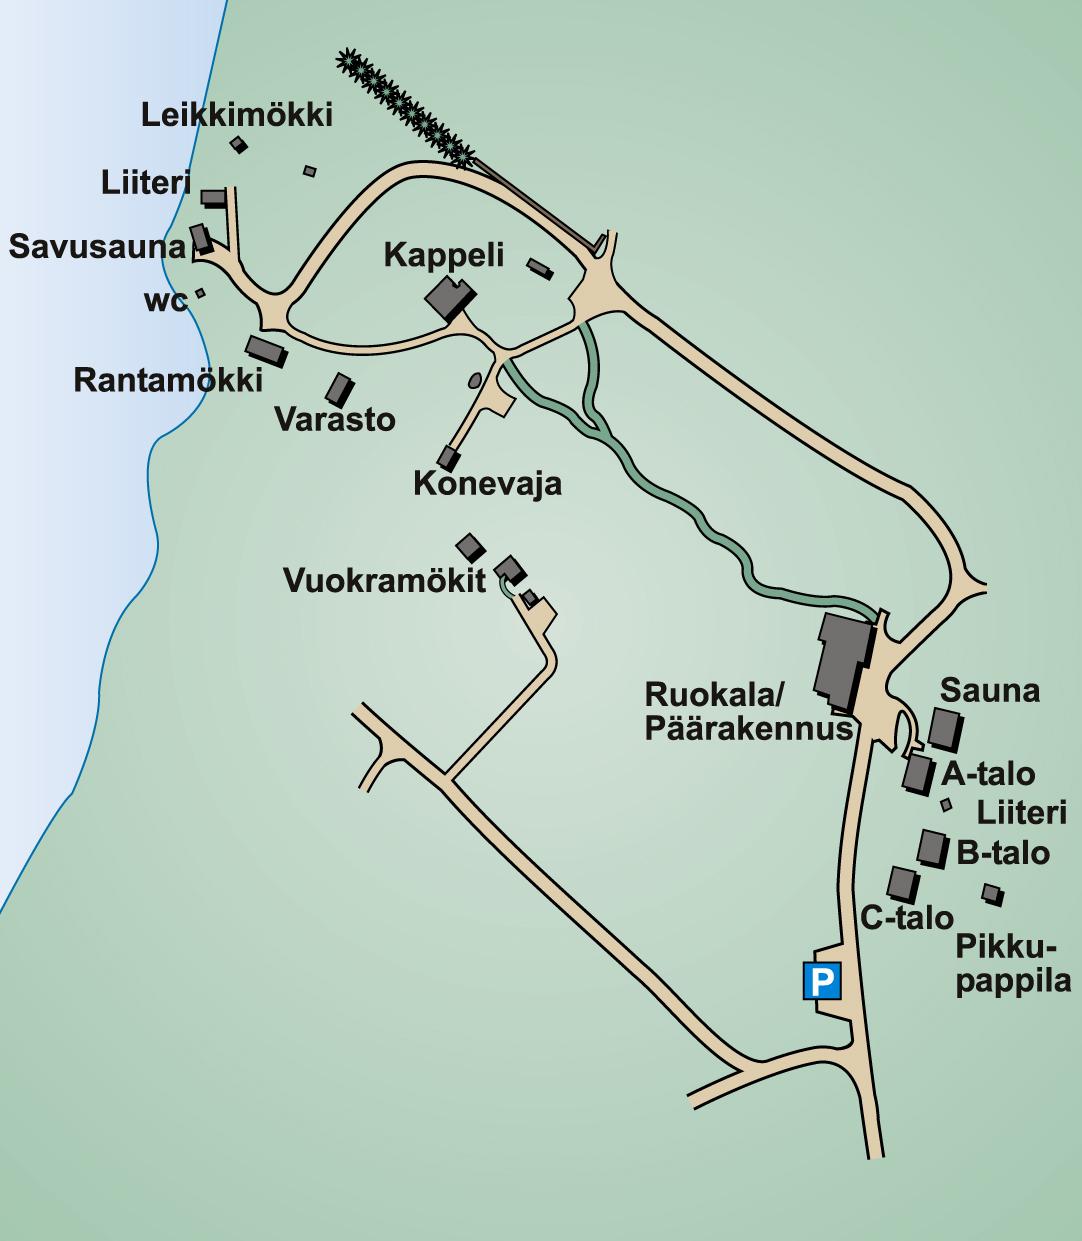 lauttasaaren liikuntakeskus Kajaani